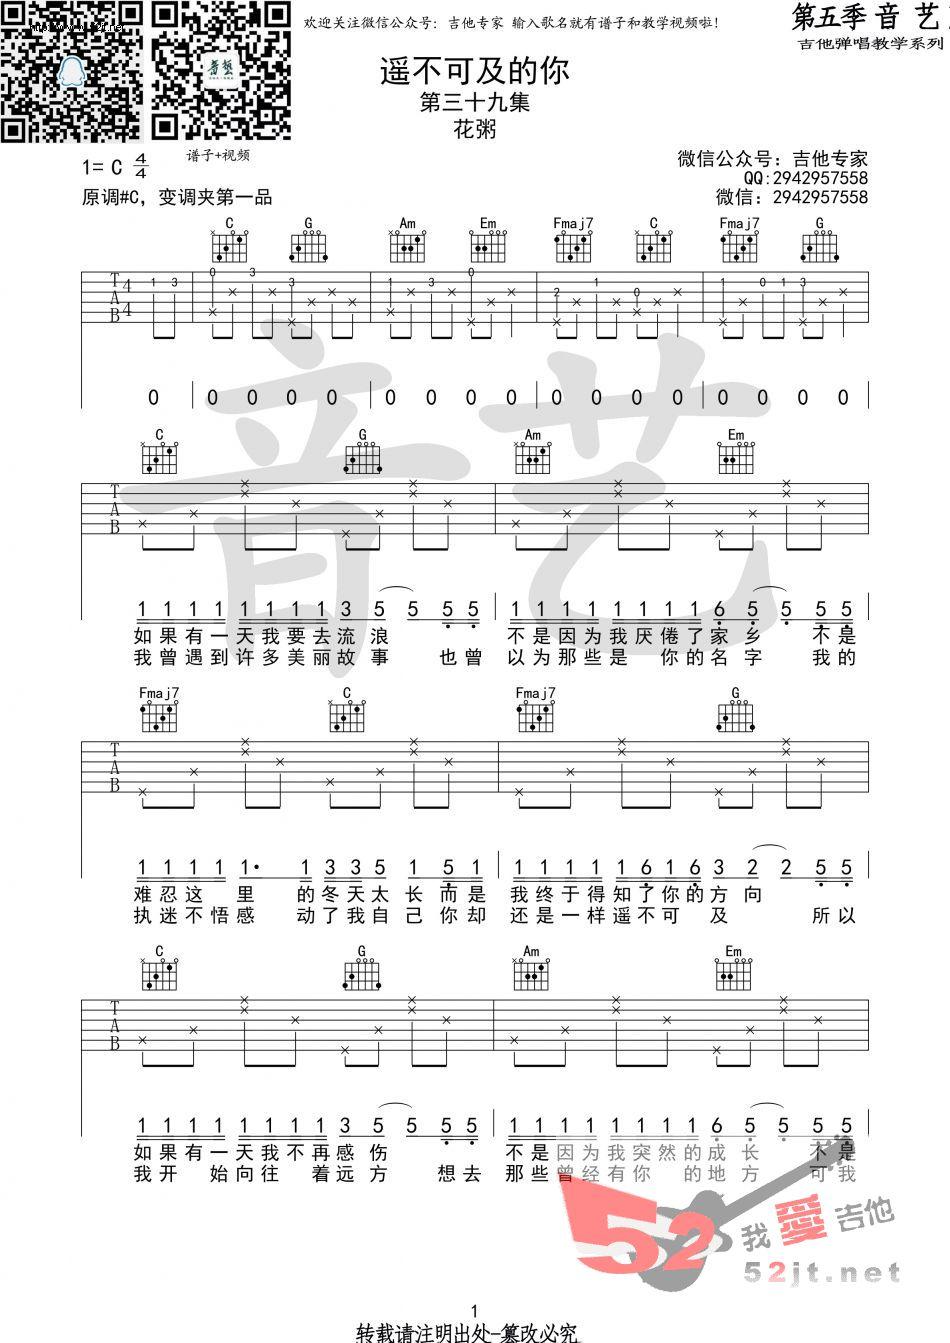 不可说弹唱谱_遥不可及的你 音艺吉他弹唱吉他谱 -彼岸吉他 - 一站式吉他爱好 ...